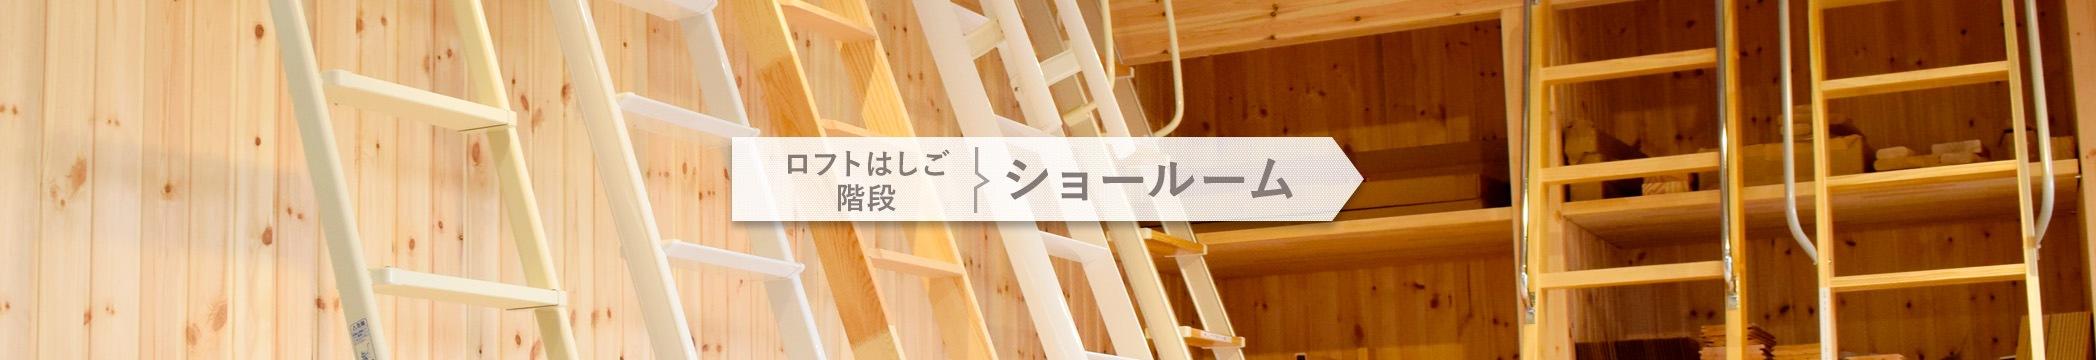 木製・金属製ロフトはしご・階段のショールーム公開中